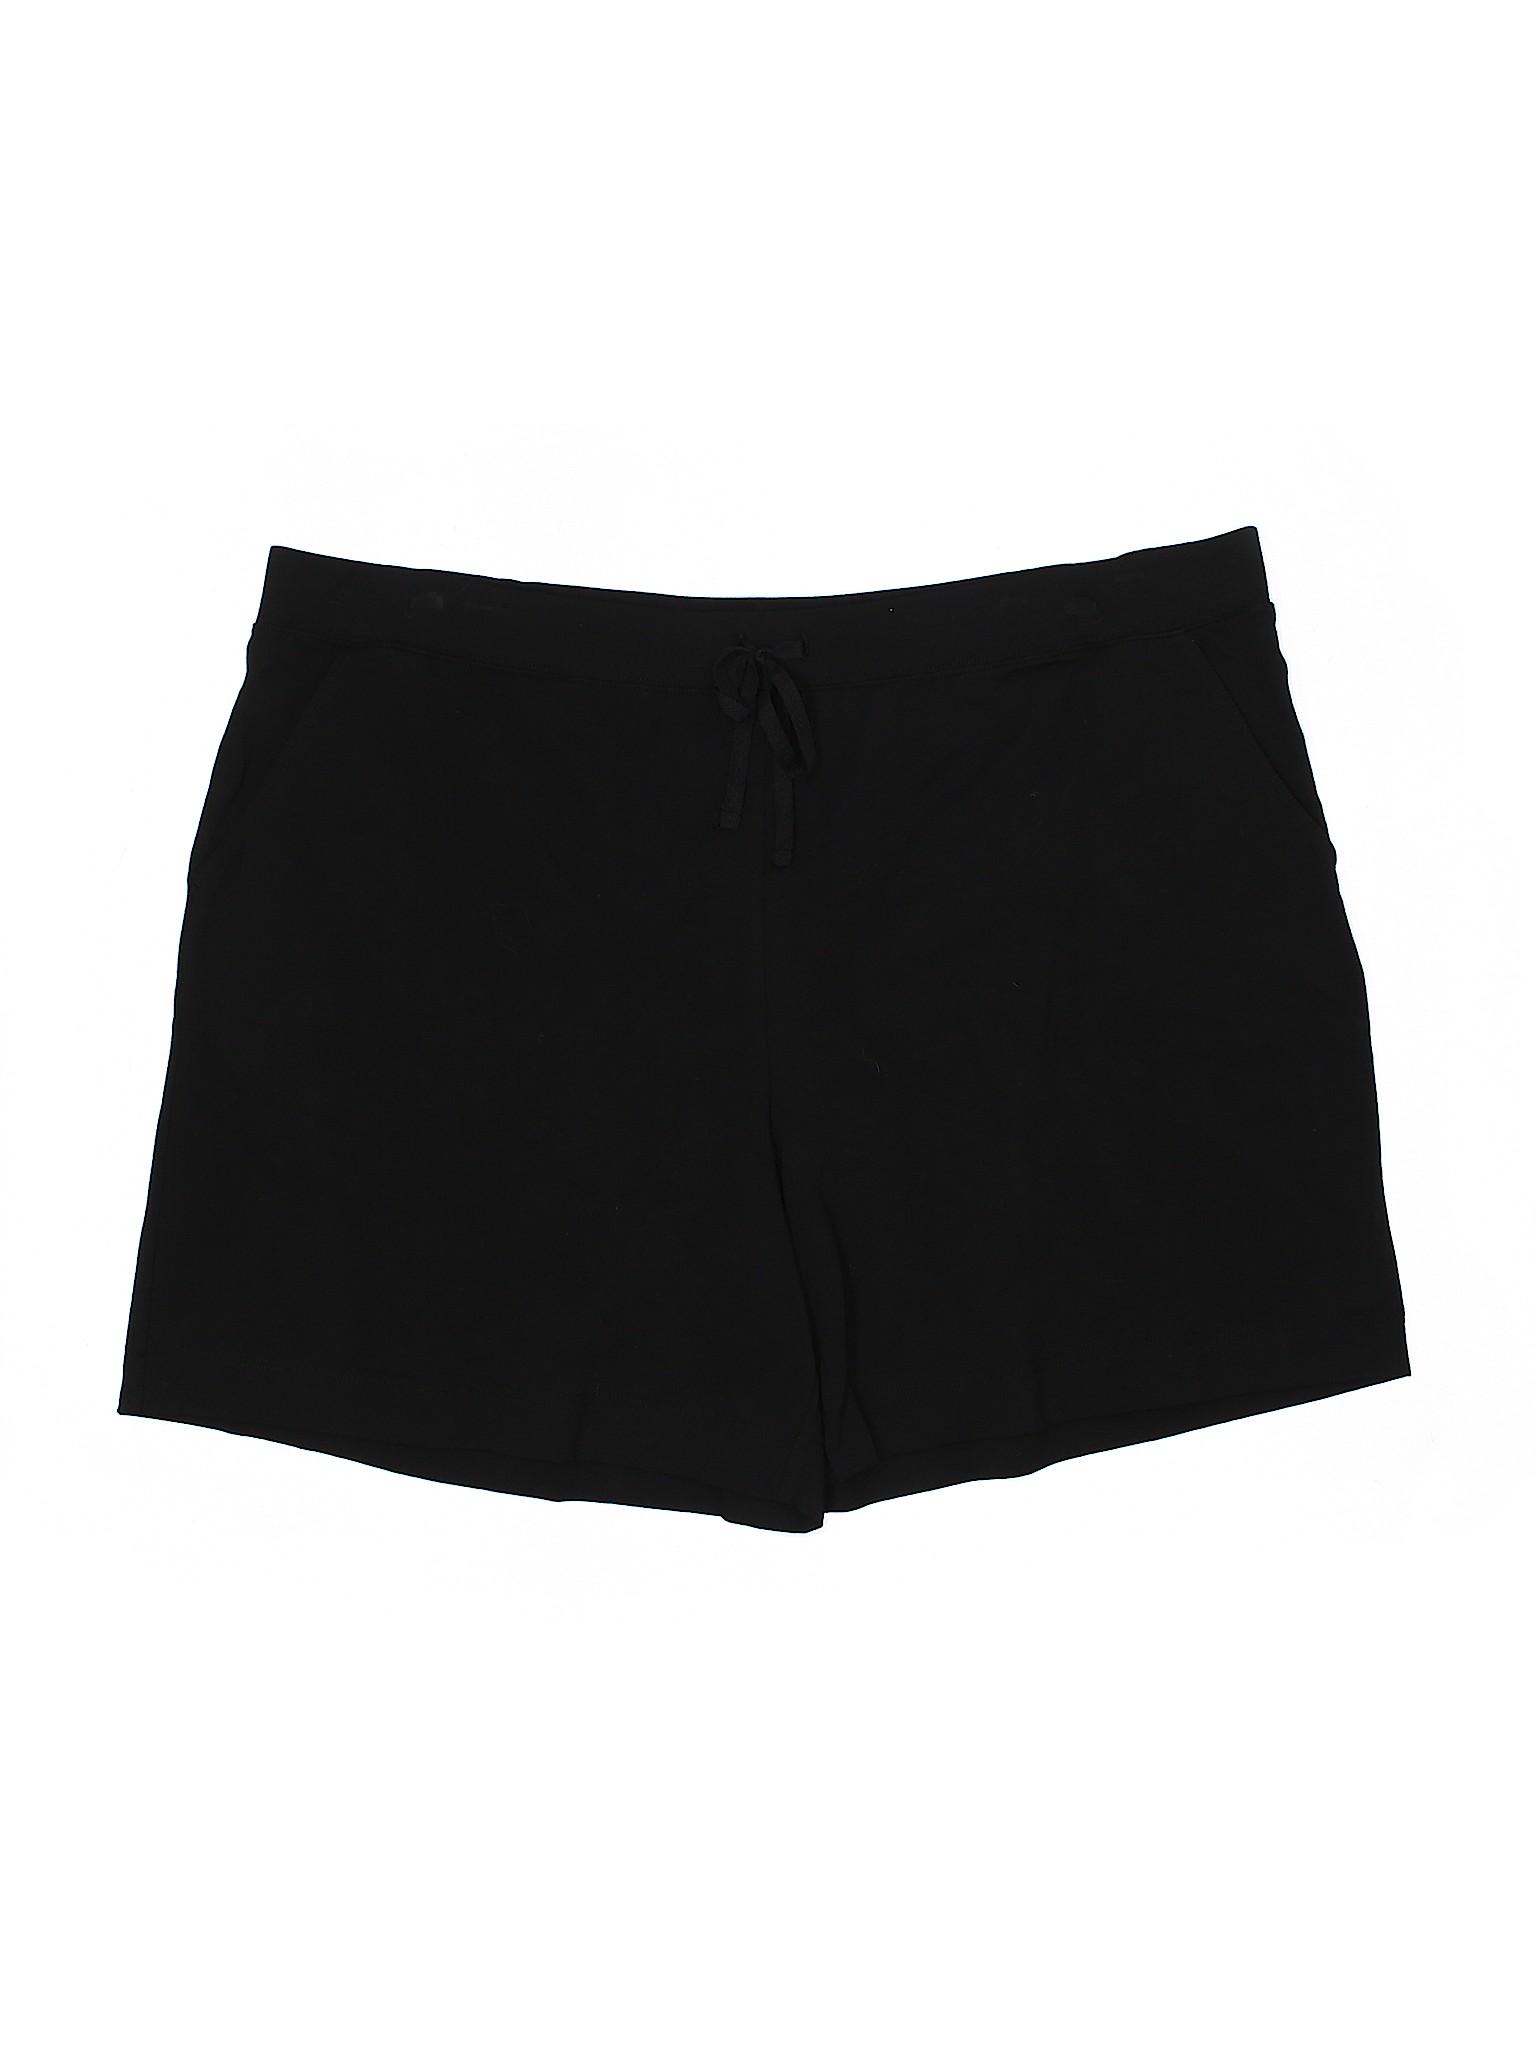 Scott Boutique leisure leisure Boutique Shorts Karen wnO8nIPqH